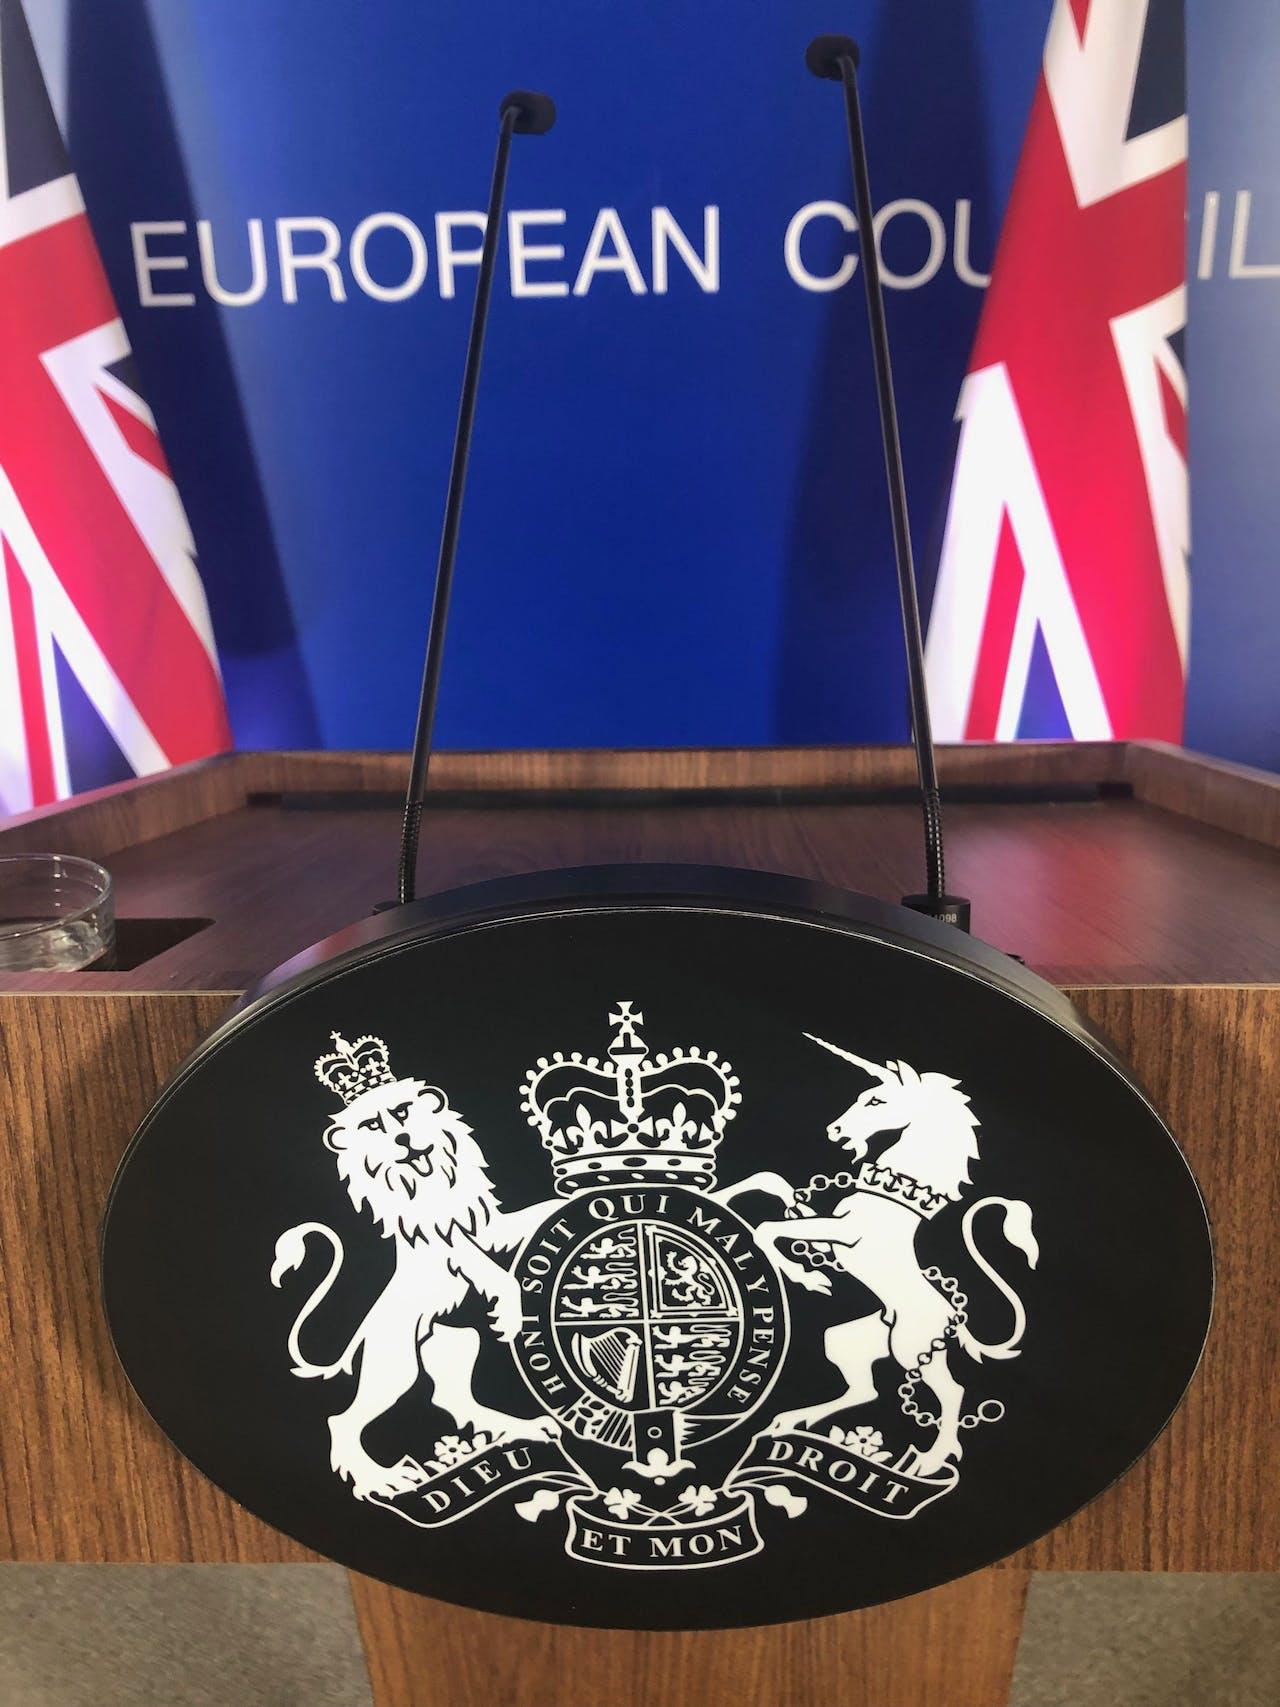 Mogelijk was er voor het laatst een Britse premier die achter dit spreekgestoelte in Brussel stond.